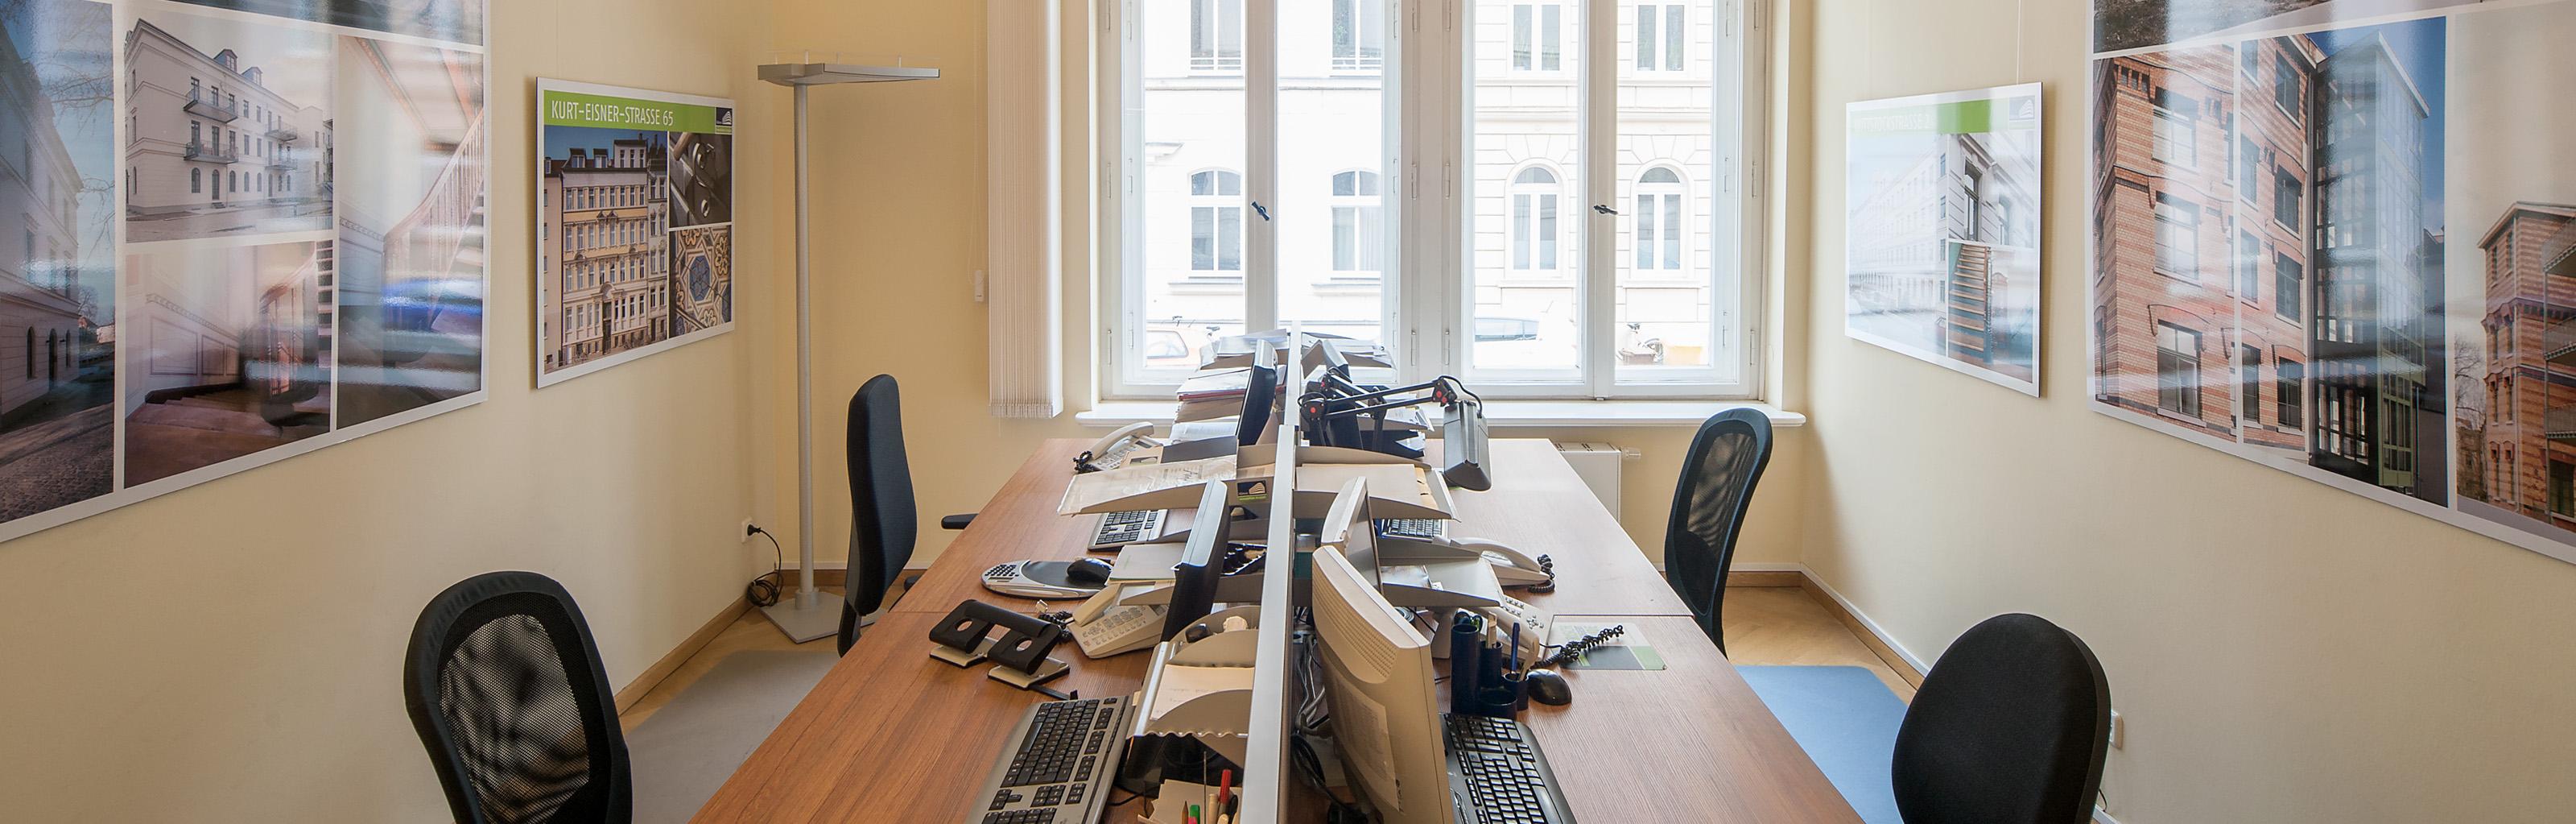 Imagebild der Künne Immobilien Gruppe, Kauf eines Gewerbeobjektes